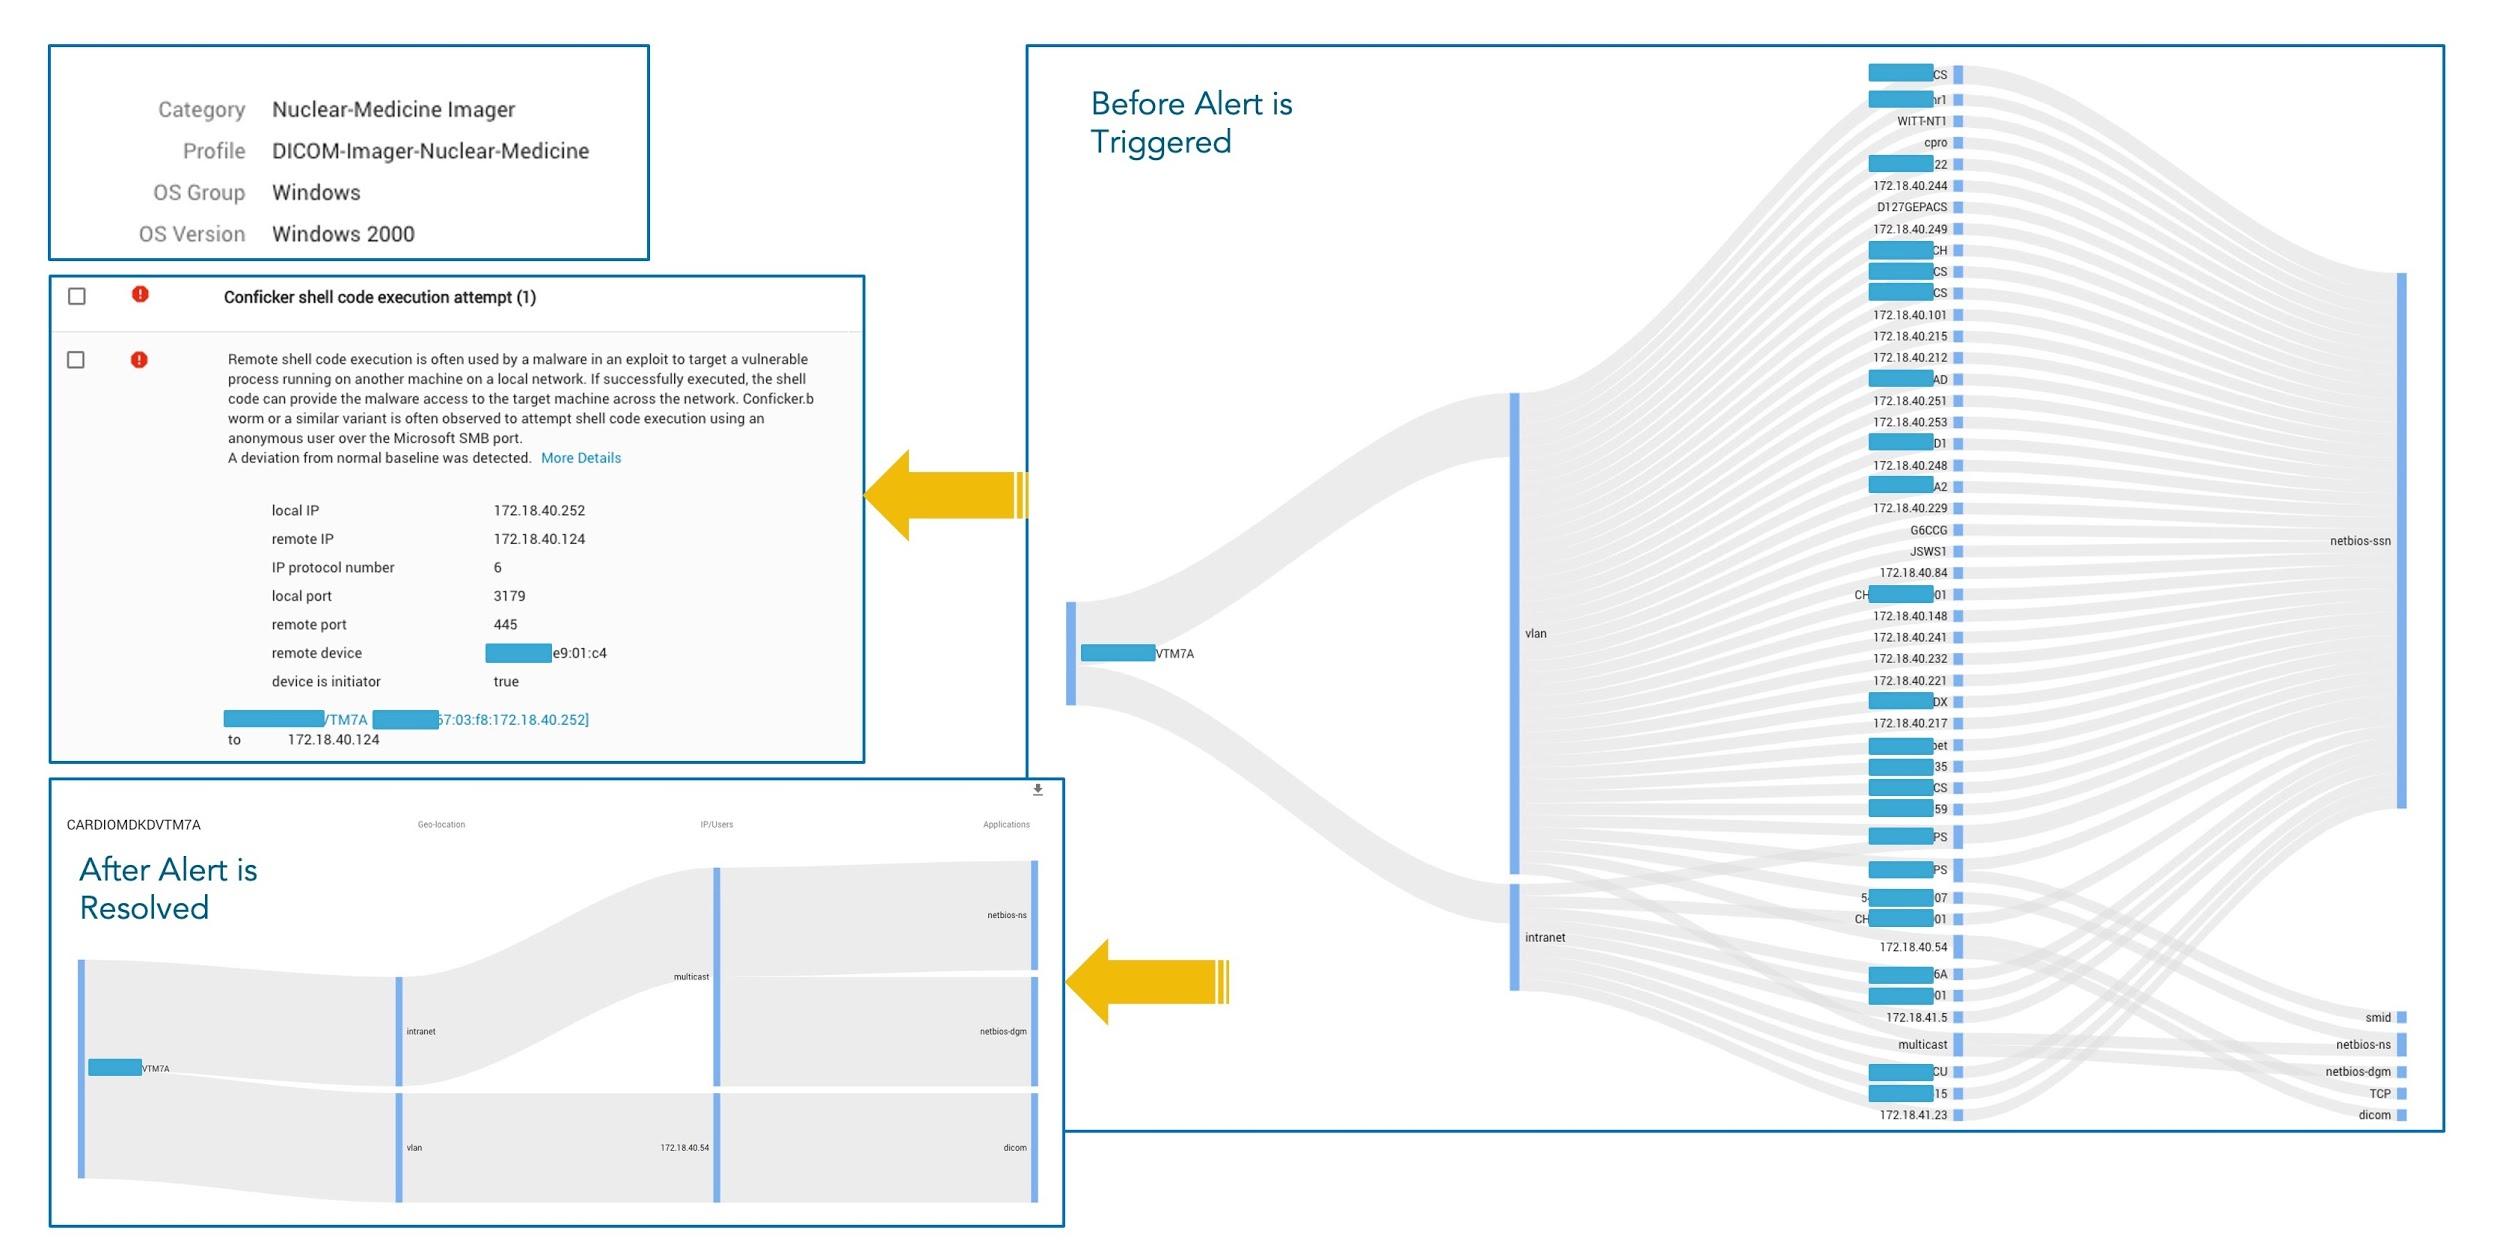 通常のネットワーク動作と被害を受けたネットワーク動作。左下の図は、複数の通常のネットワーク宛先へのSMBやDICOMなど、通常のアプリケーションの使用状況を示しています。これに対して、右側の図は、環境内のほぼすべてのデバイスへの多数の同時接続など、マルウェアに感染したデバイスの非常にアグレッシブなネットワーク動作を示しています。これは、マルウェアが横方向に移動しようとしていることを明確に表しています。